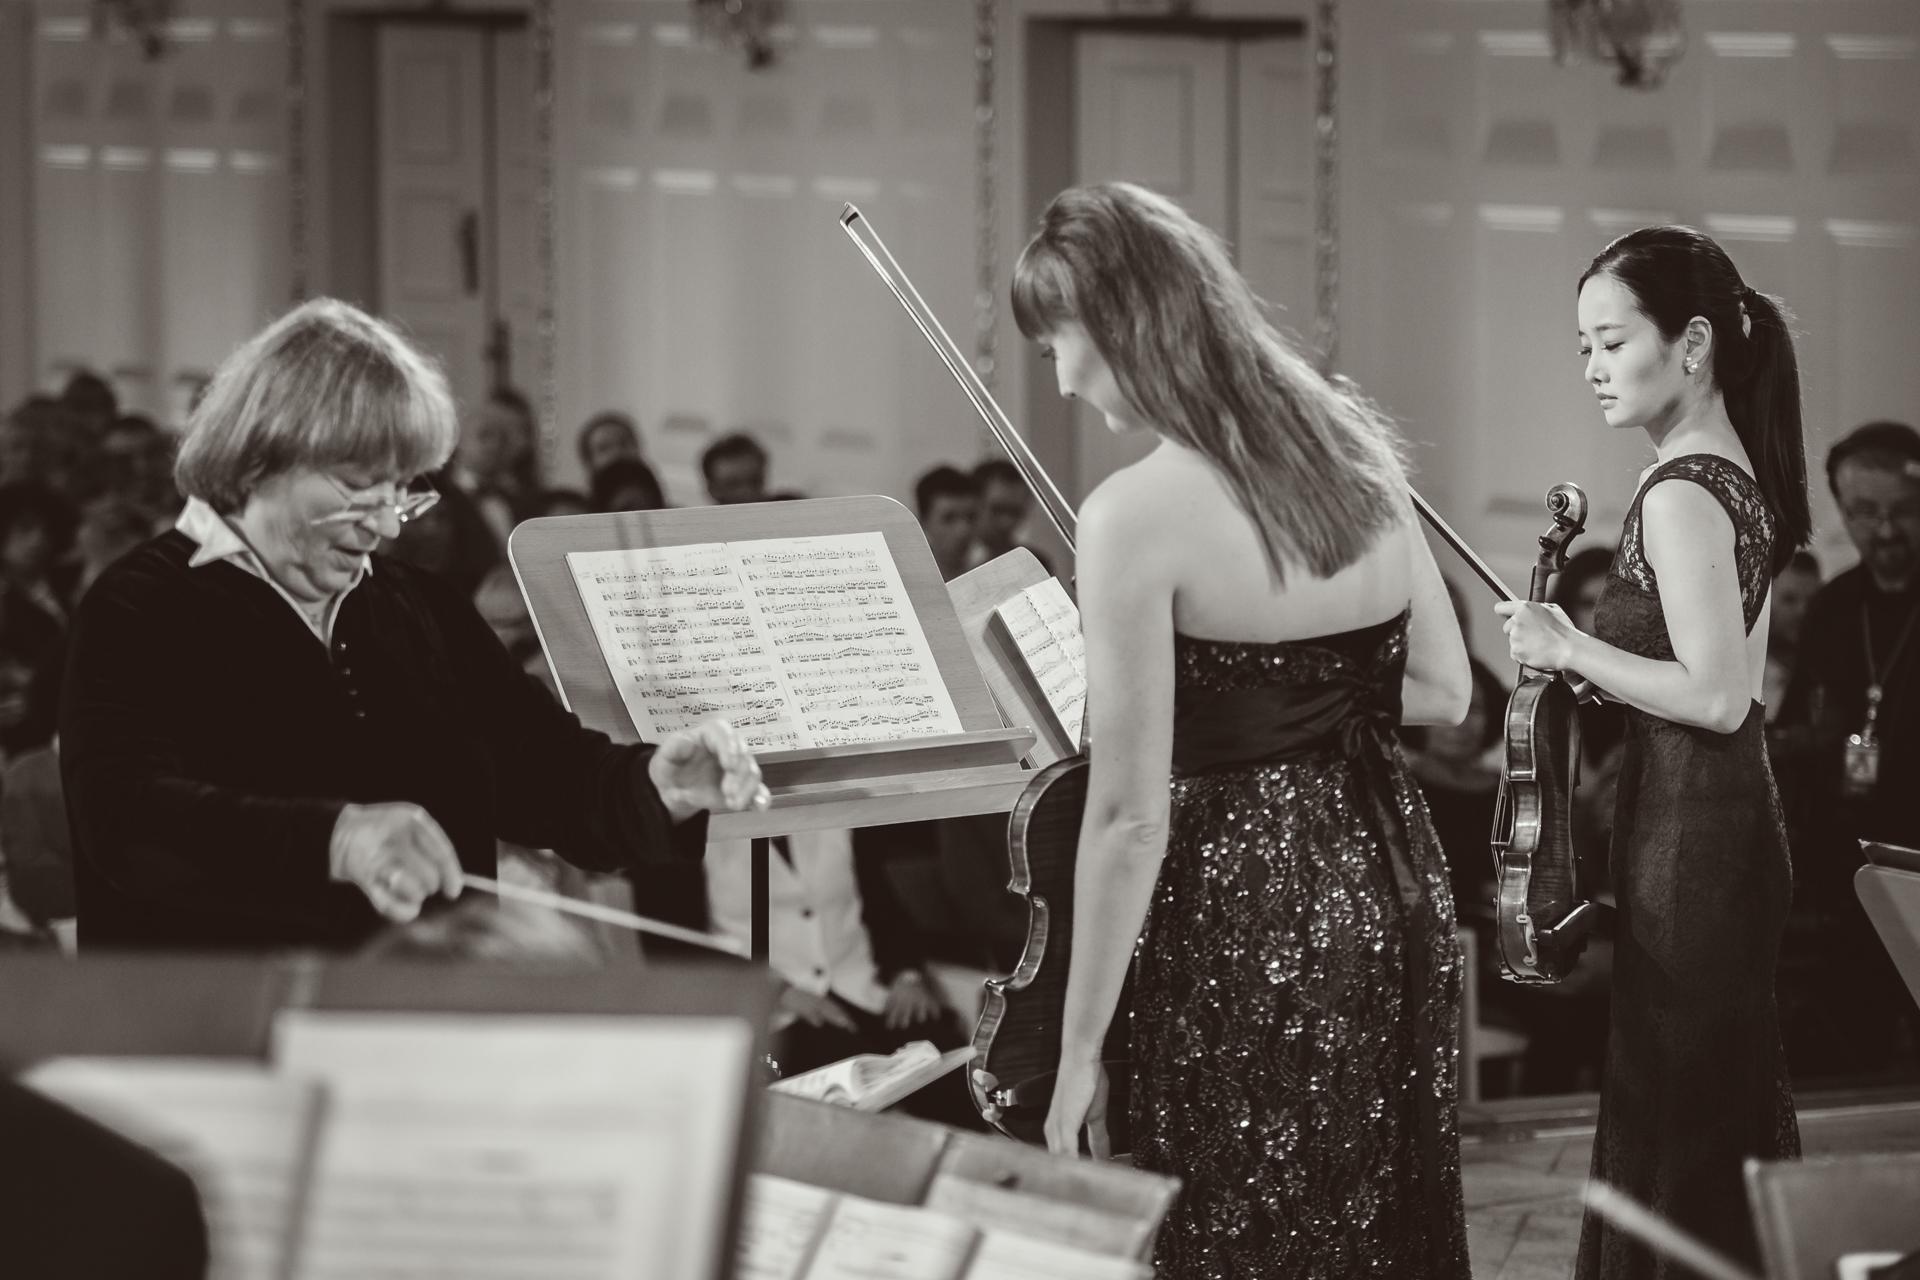 RR Studio. Bomsori Kim, Katarzyna Budnik-Gałązka, Orkiestra Polskiego Radia Amadeus pod dyr. Agnieszki Duczmal